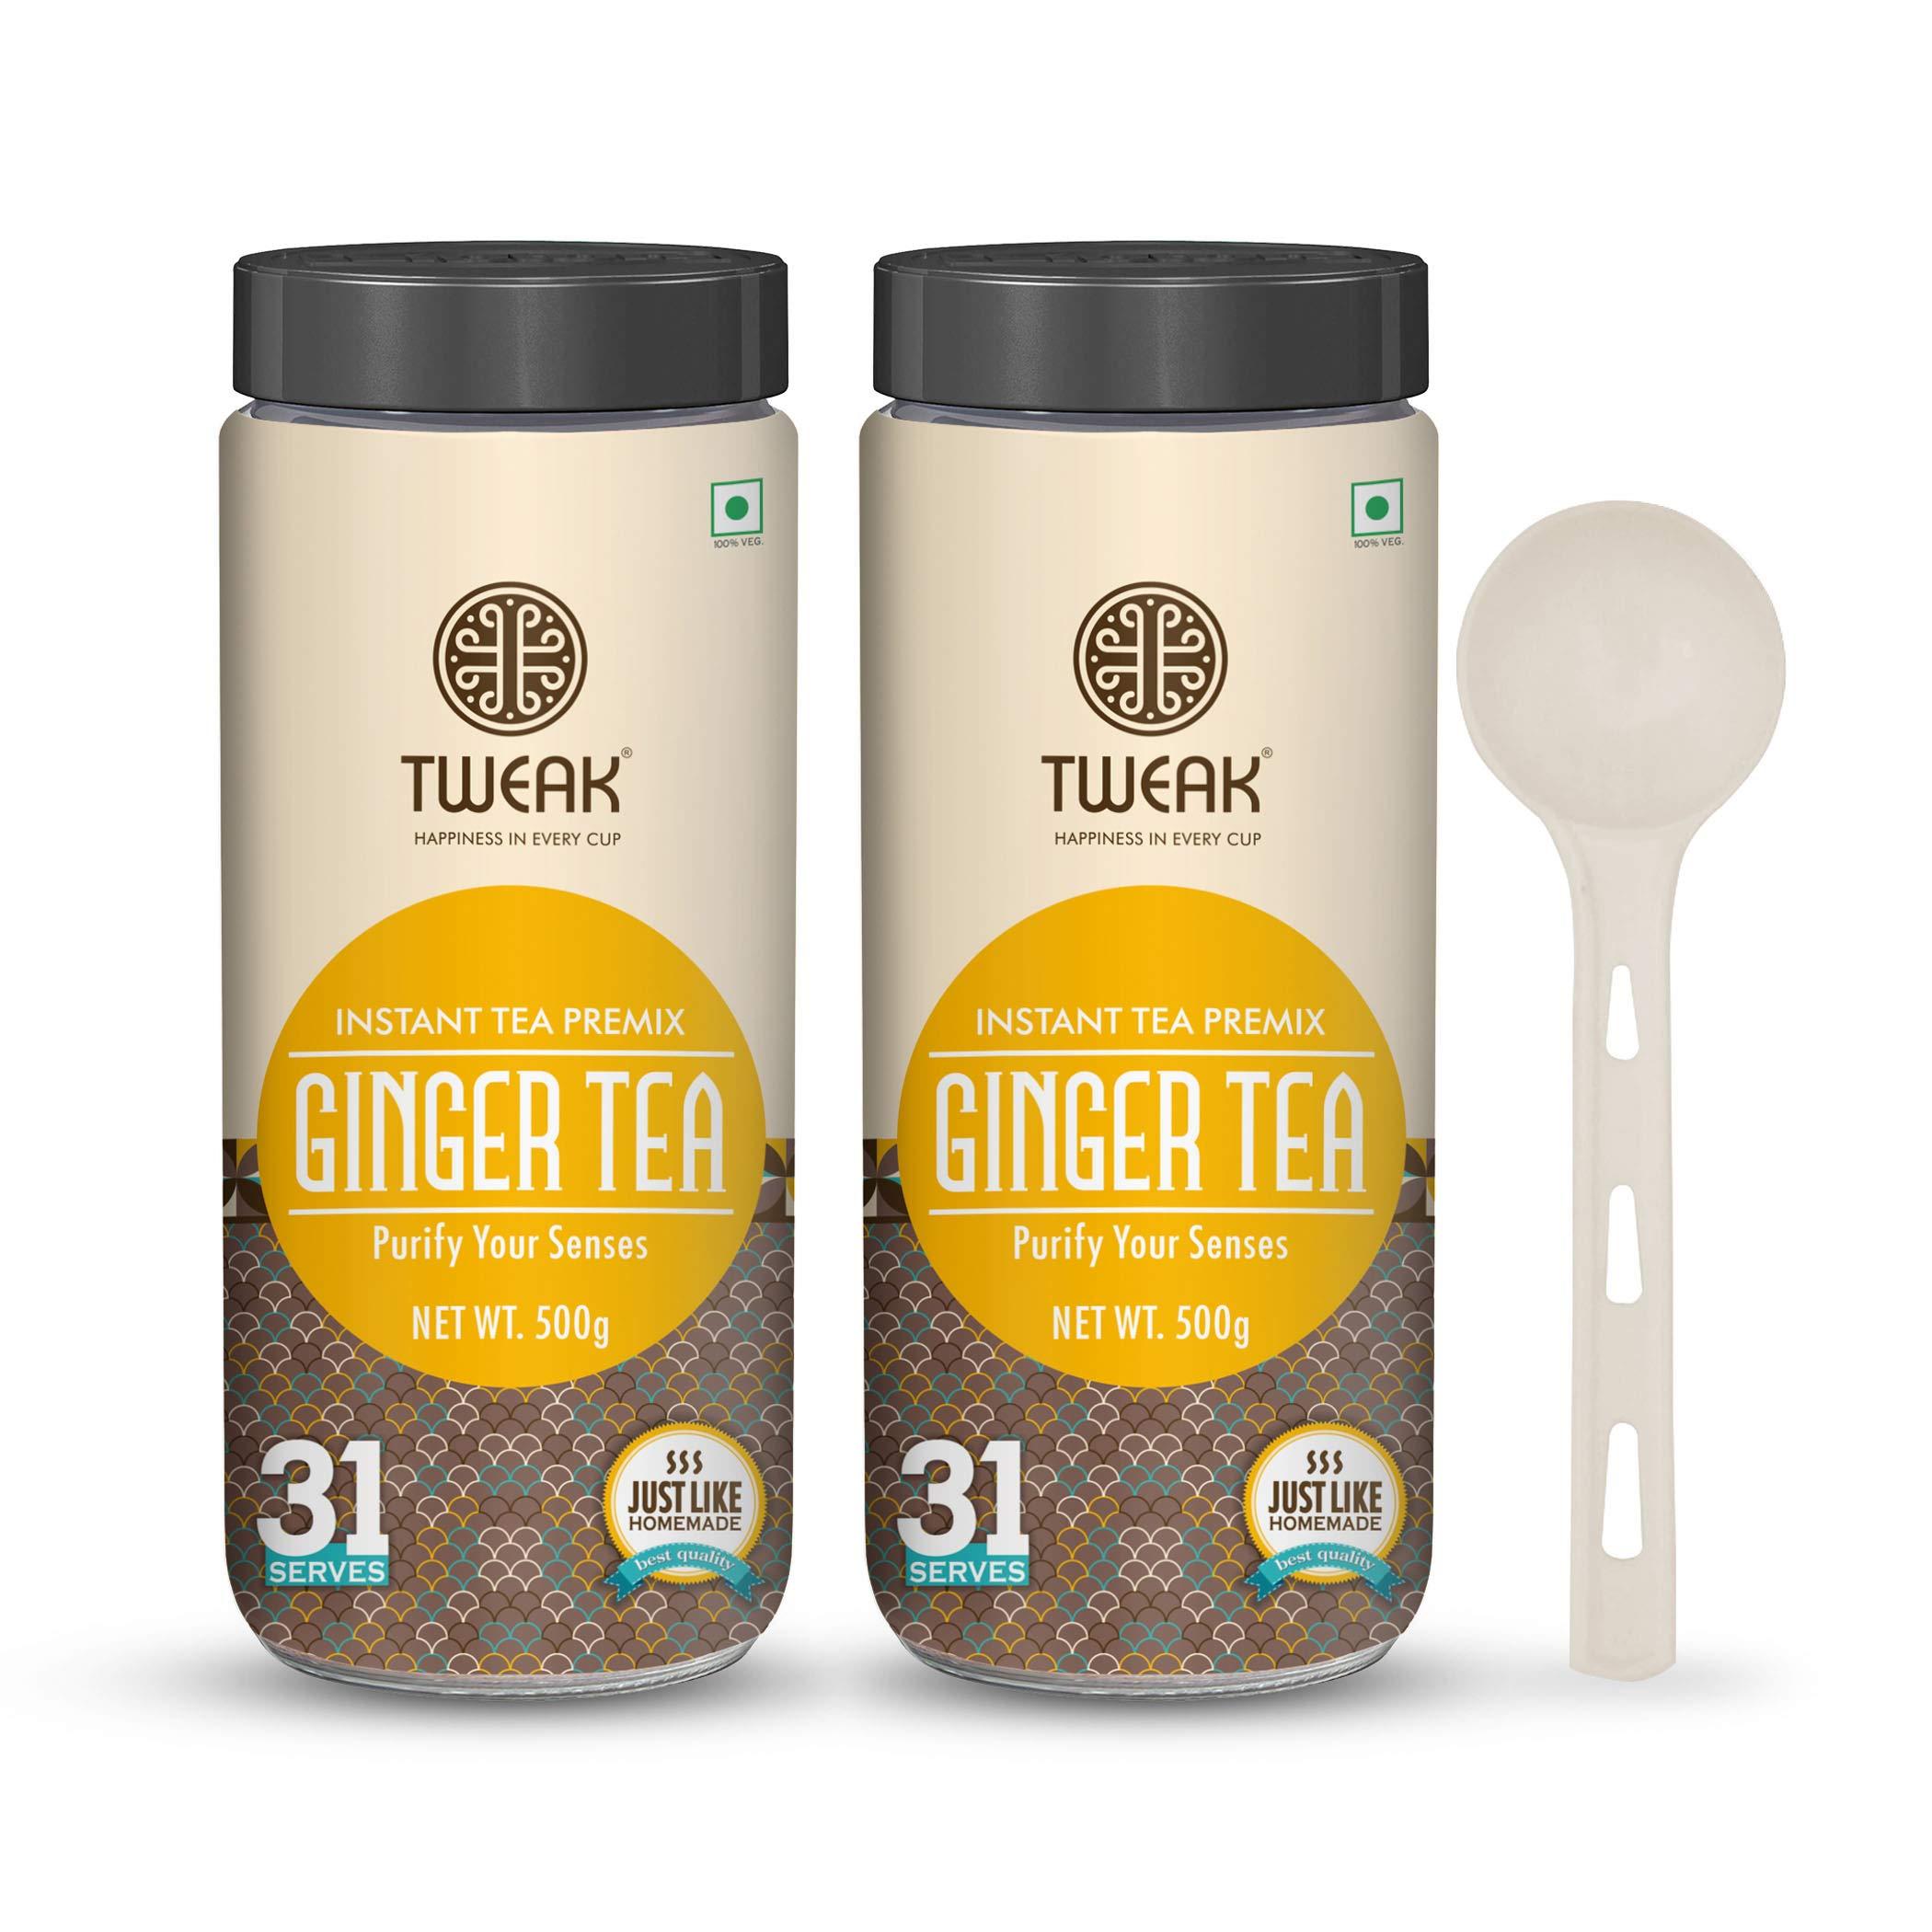 Tweak Instant Tea premix with Ginger 500g x 2 Jars